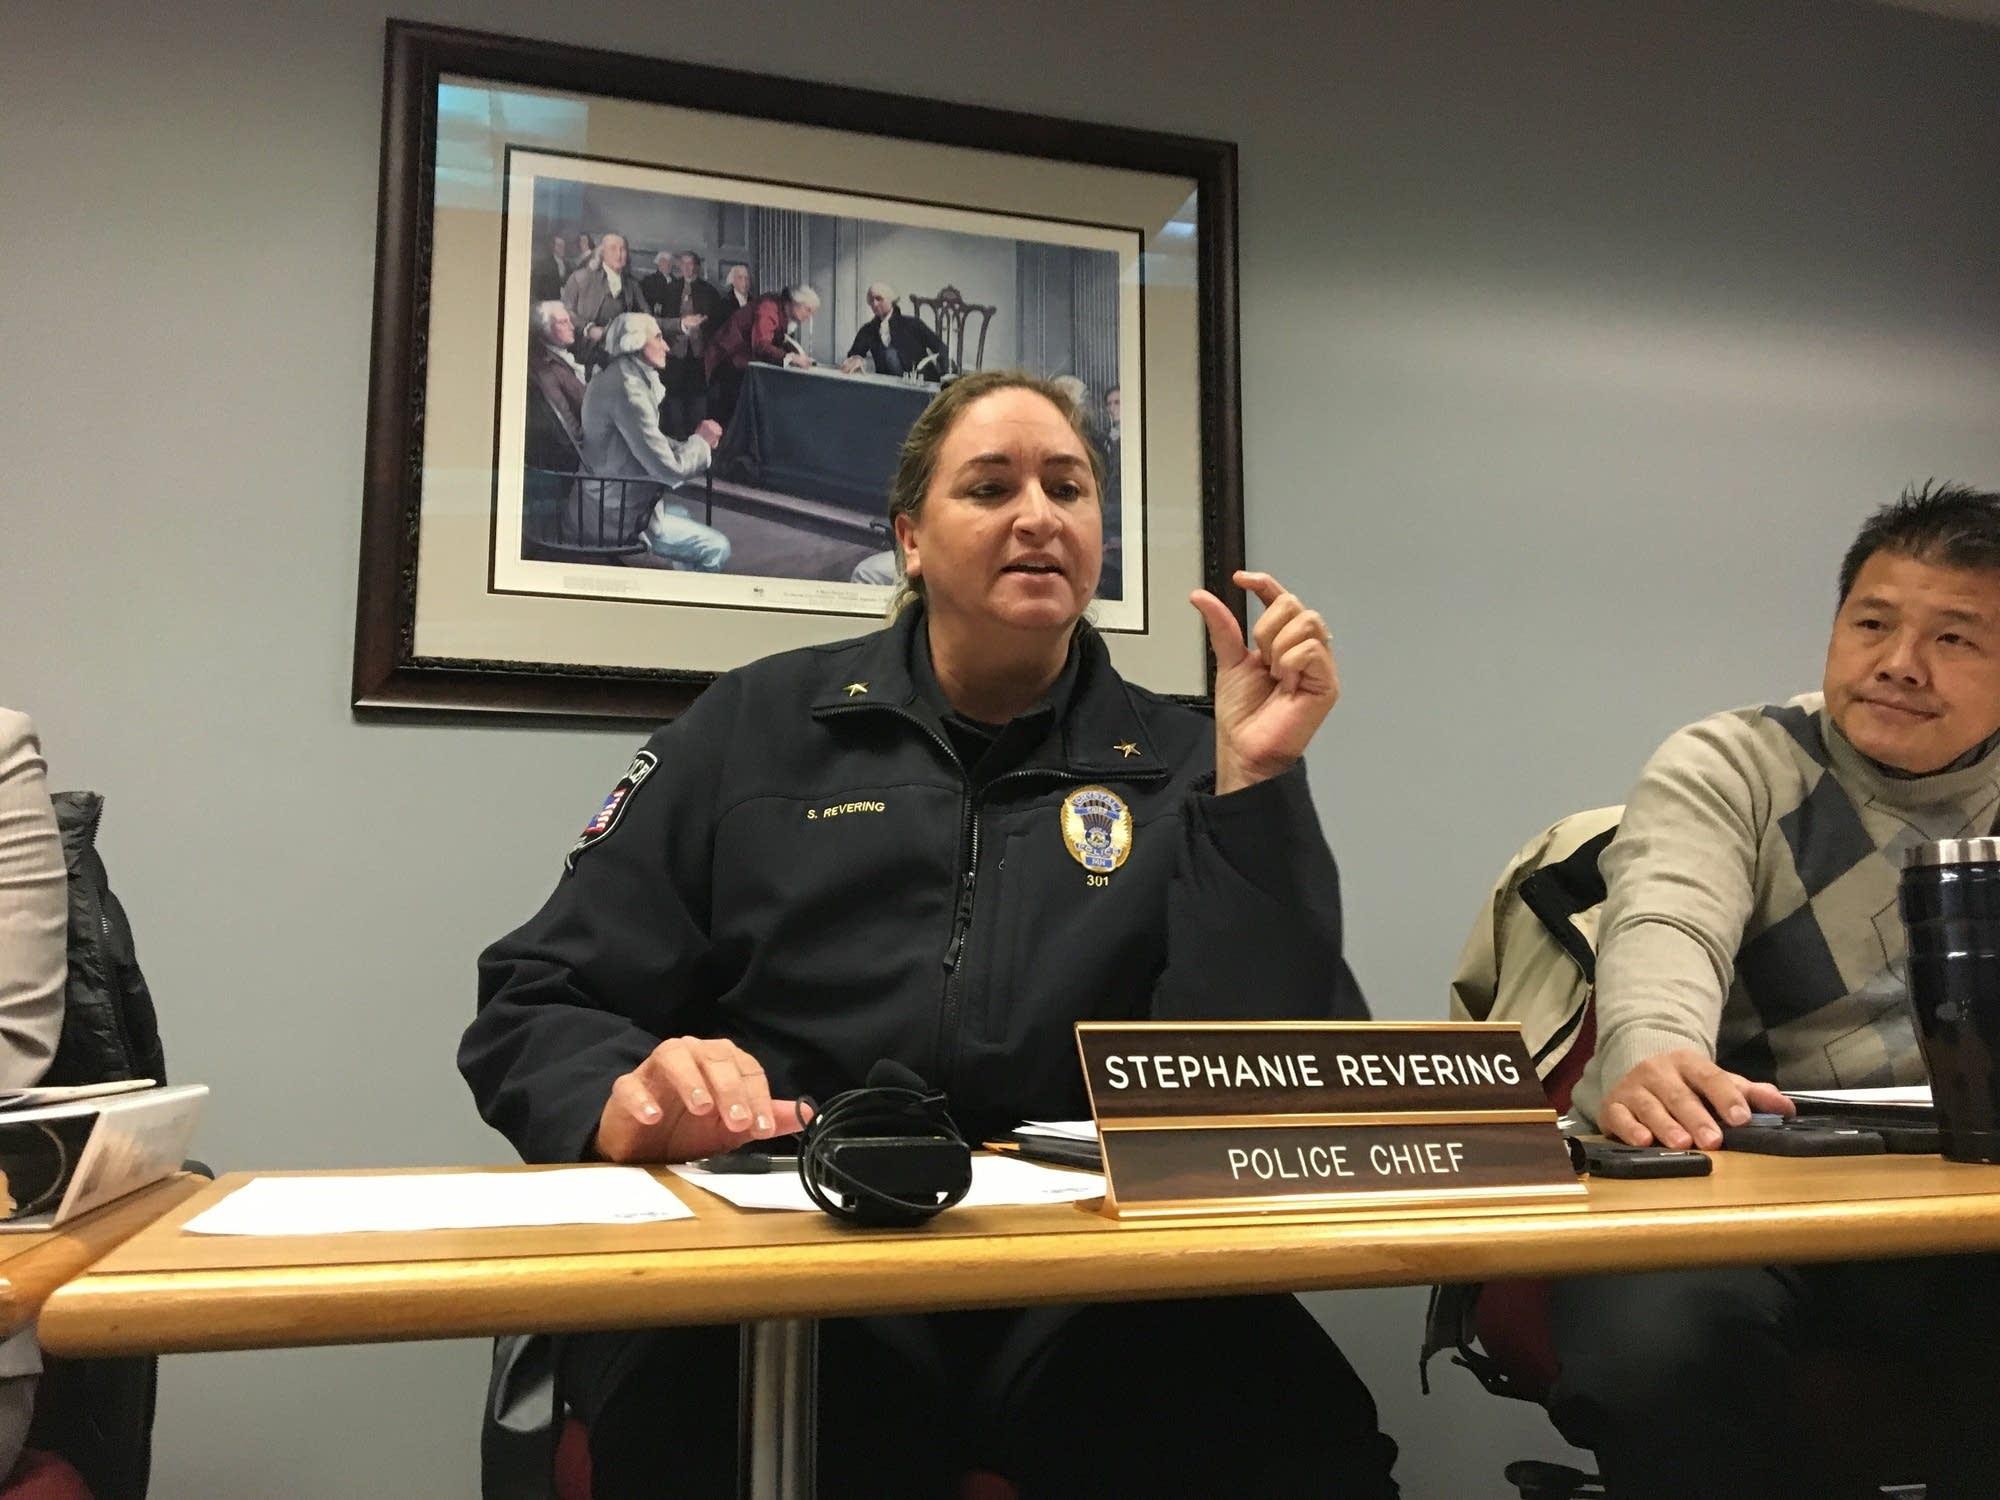 Crystal Police Chief Stephanie Revering